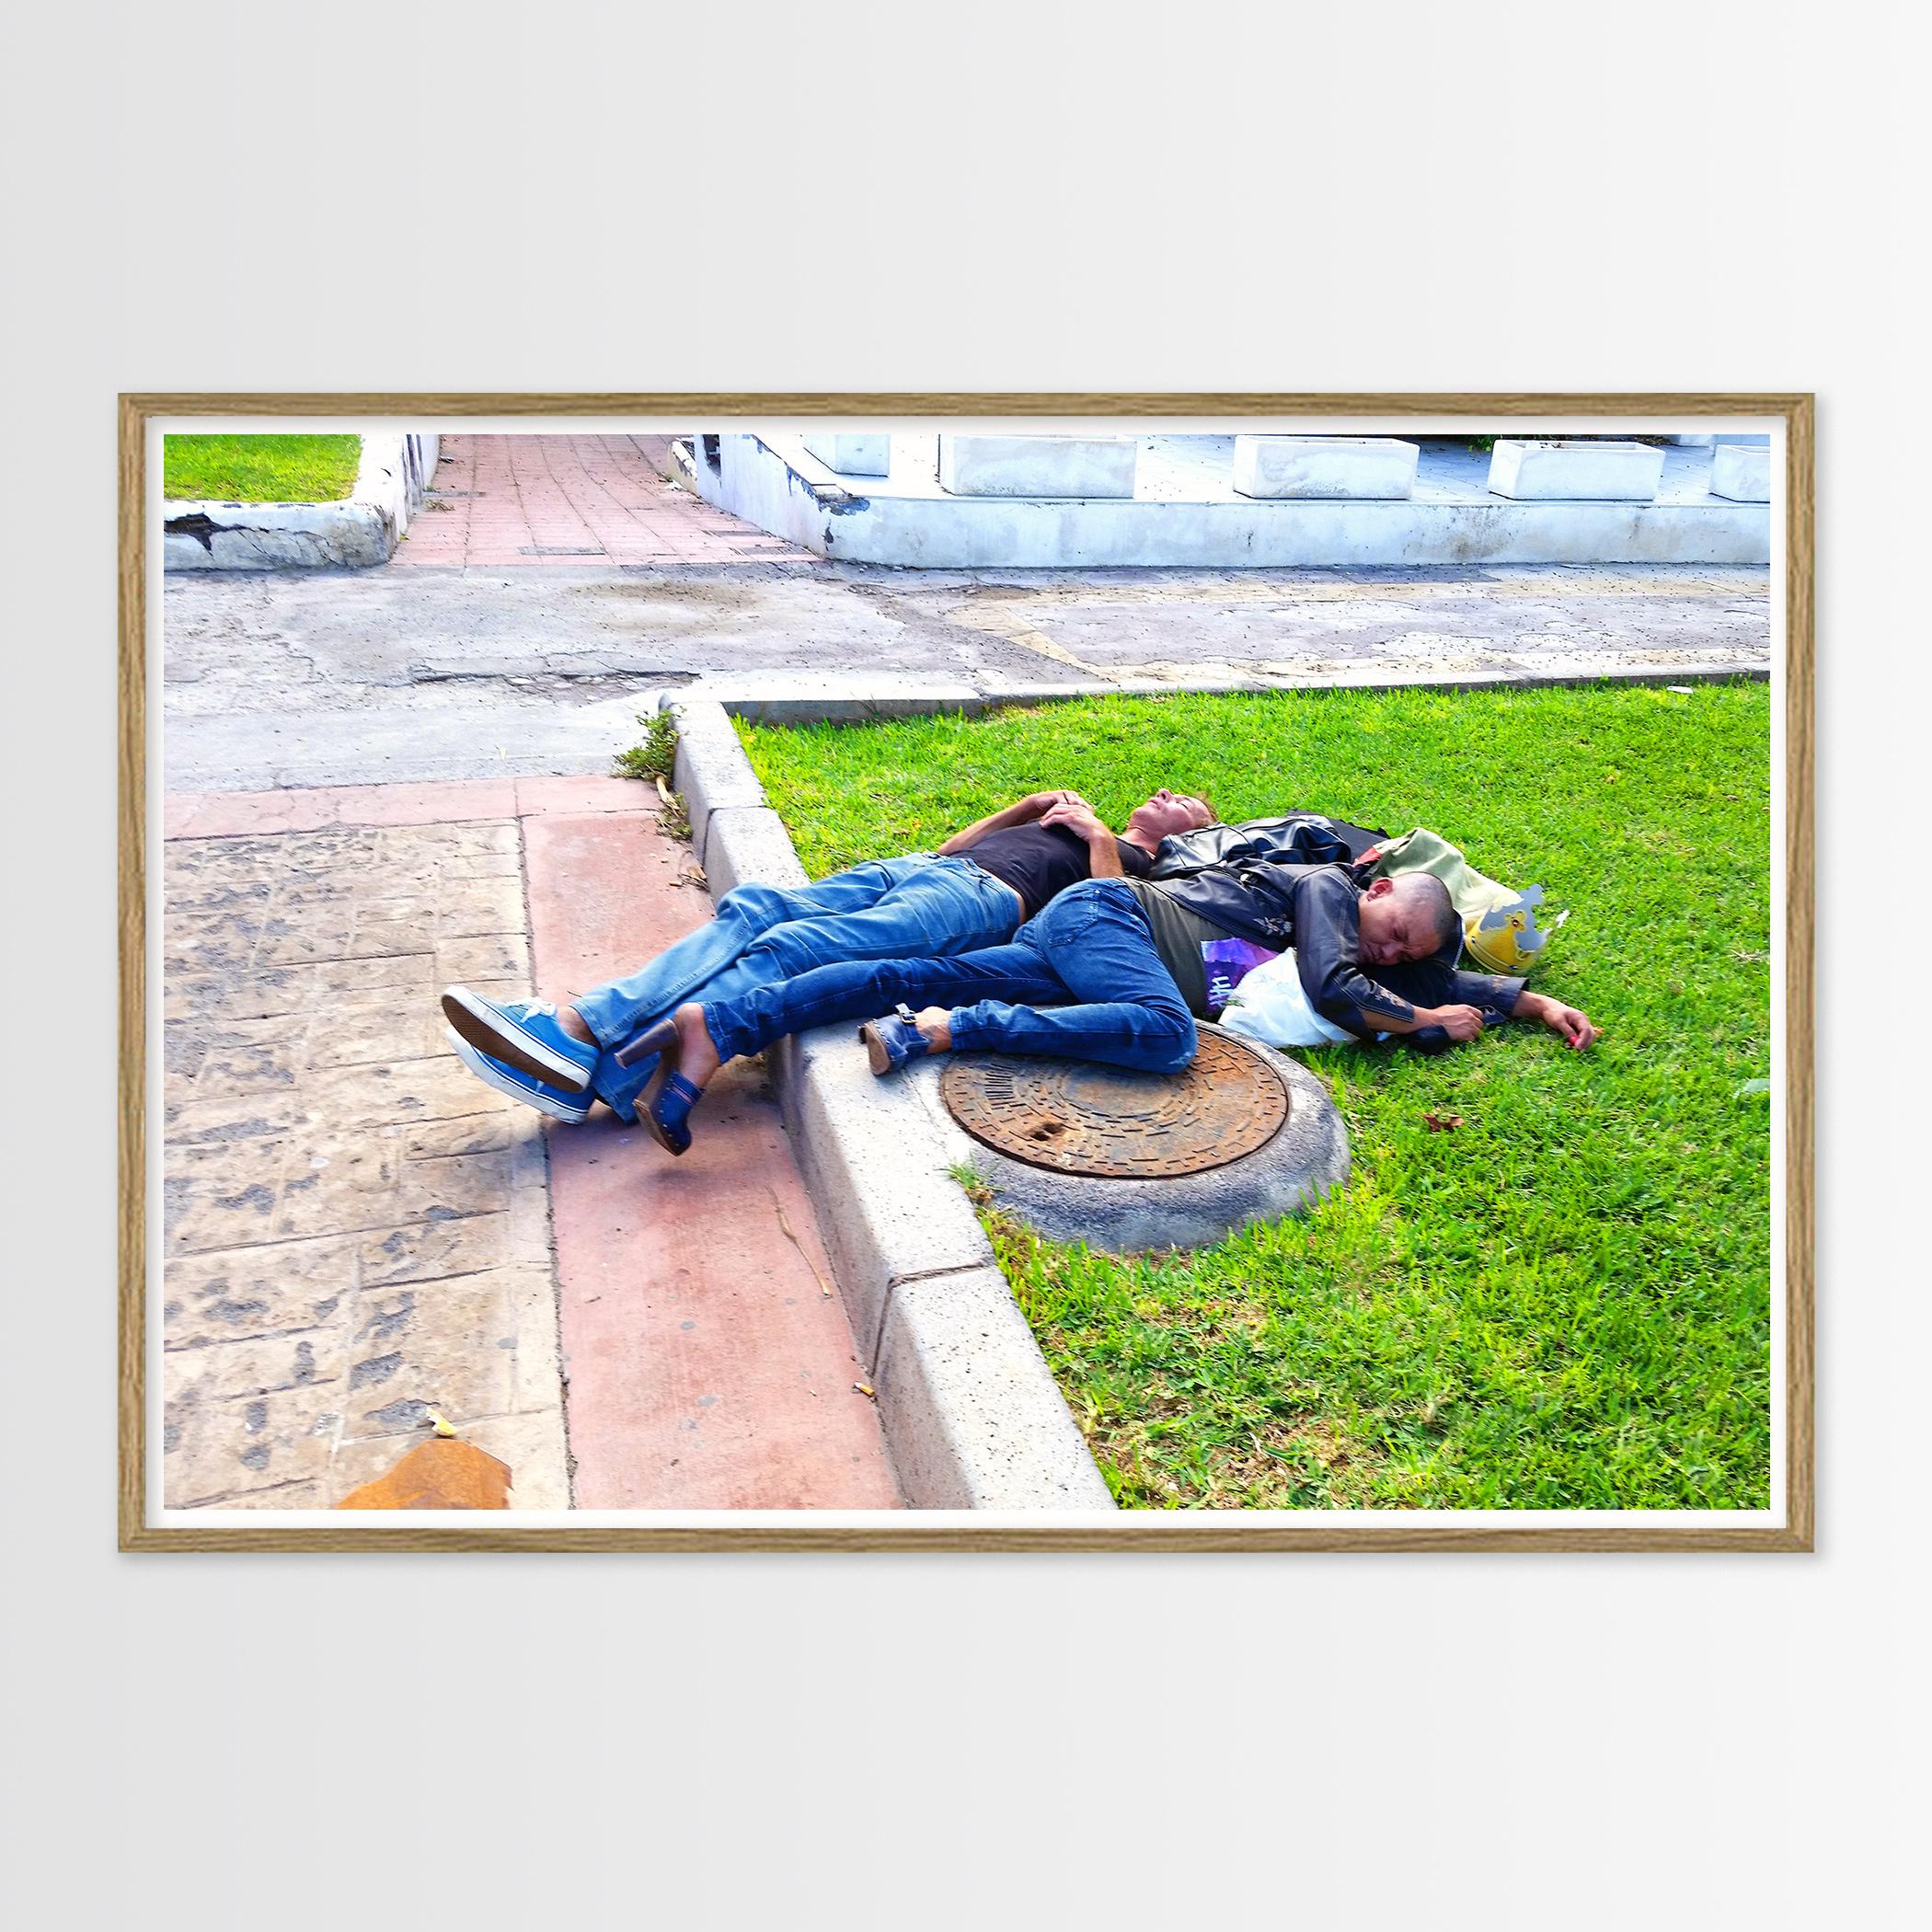 plakater-posters-kunsttryk, giclee-tryk, farverige, figurative, illustrative, pop, kroppe, hverdagsliv, humor, mennesker, beige, blå, grønne, blæk, papir, cigaretter, samtidskunst, interiør, bolig-indretning, moderne, moderne-kunst, fotorealistisk, Køb original kunst og kunstplakater. Malerier, tegninger, limited edition kunsttryk & plakater af dygtige kunstnere.